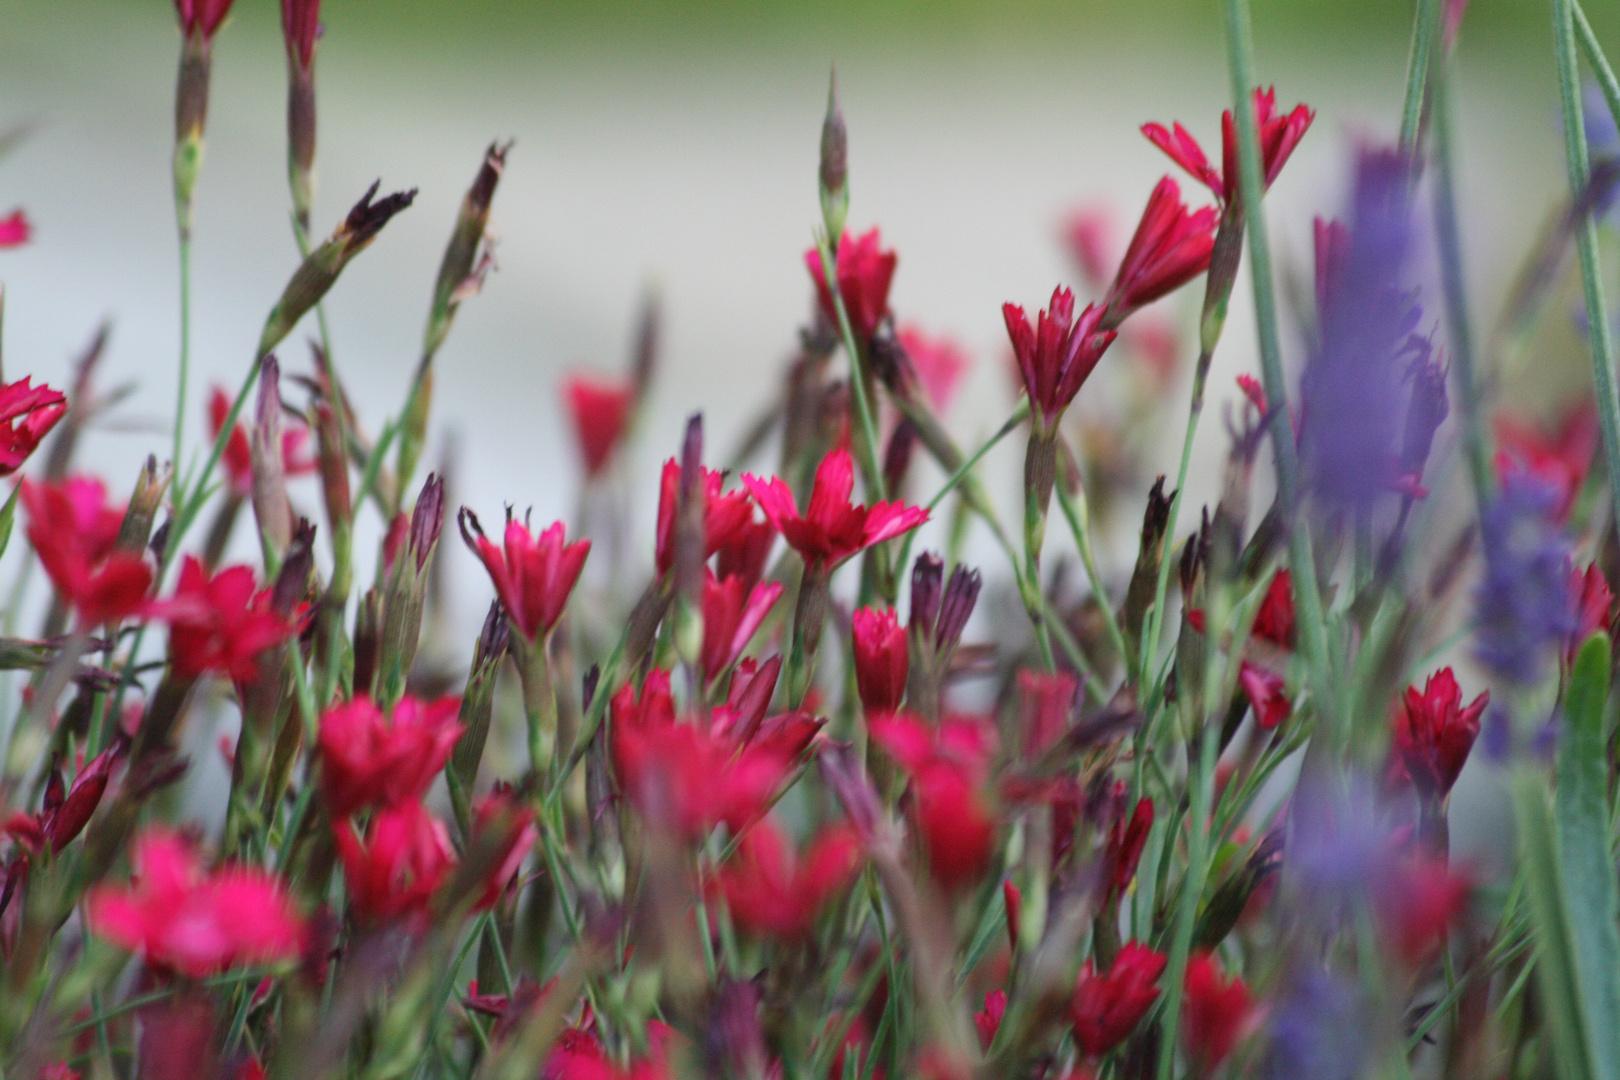 Unsere Kräuterschnecke - in Blüte